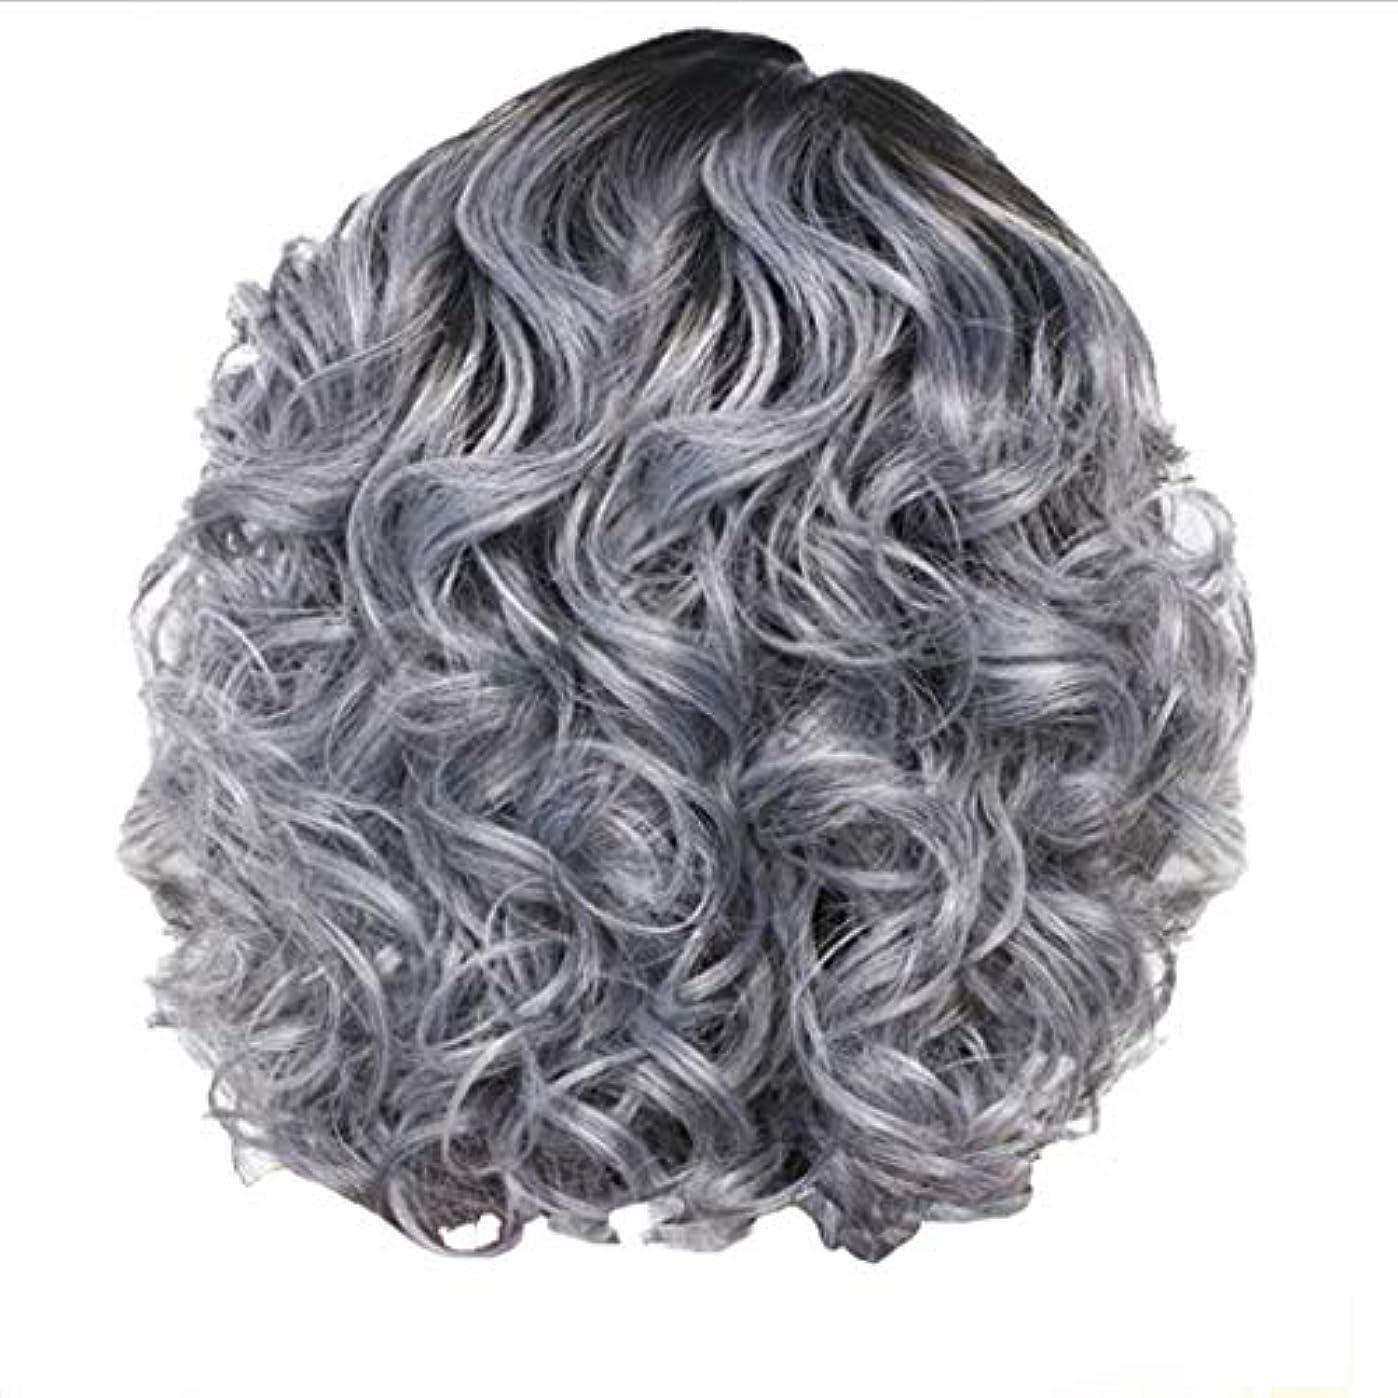 粘液ファンネルウェブスパイダー通りかつら女性の短い巻き毛シルバーグレーレトロ巻き毛ネット30 cm